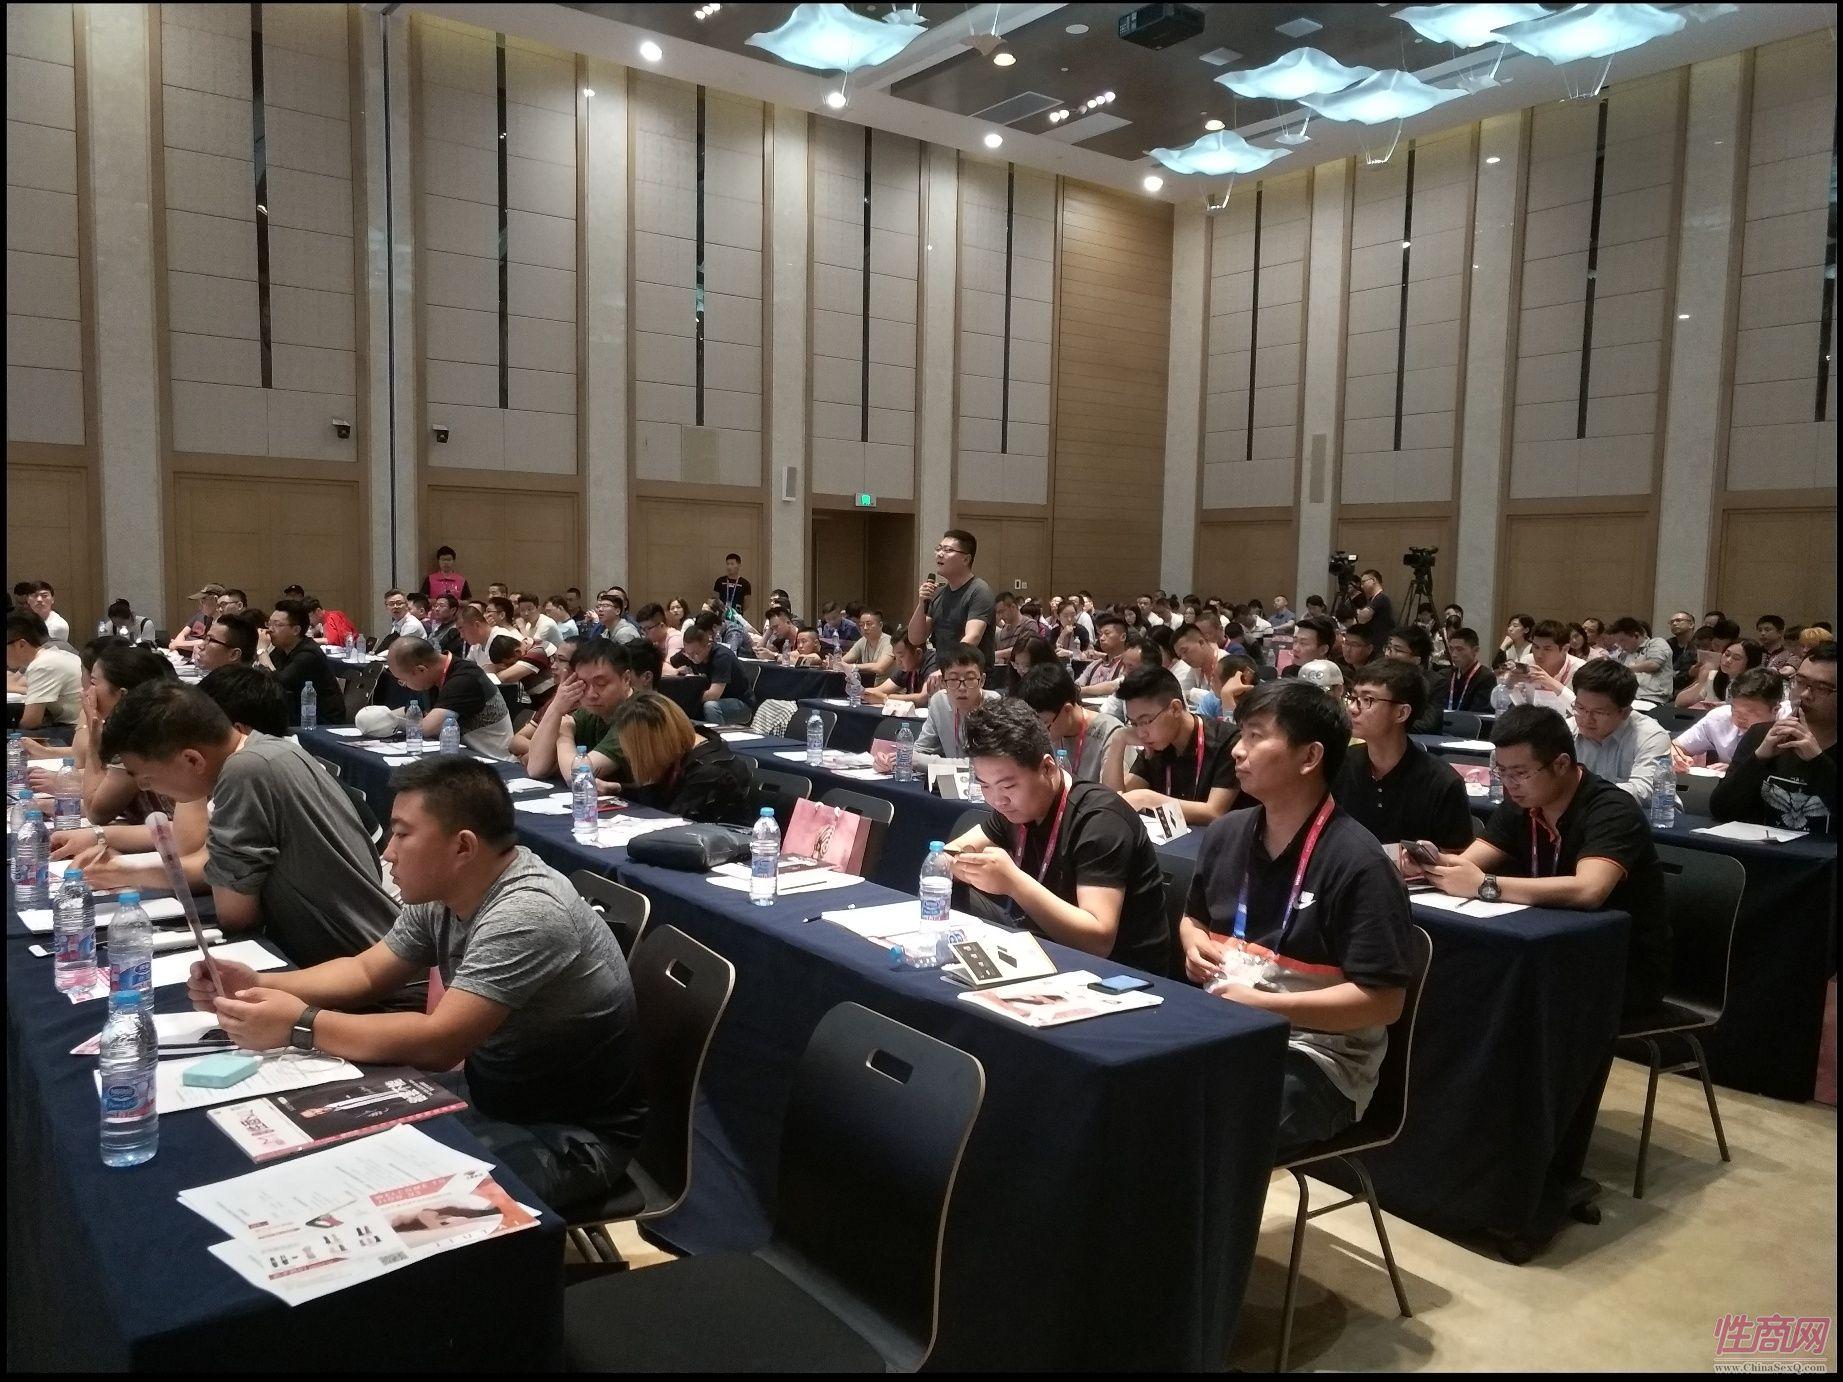 18上海成人展-高峰论坛 (66)